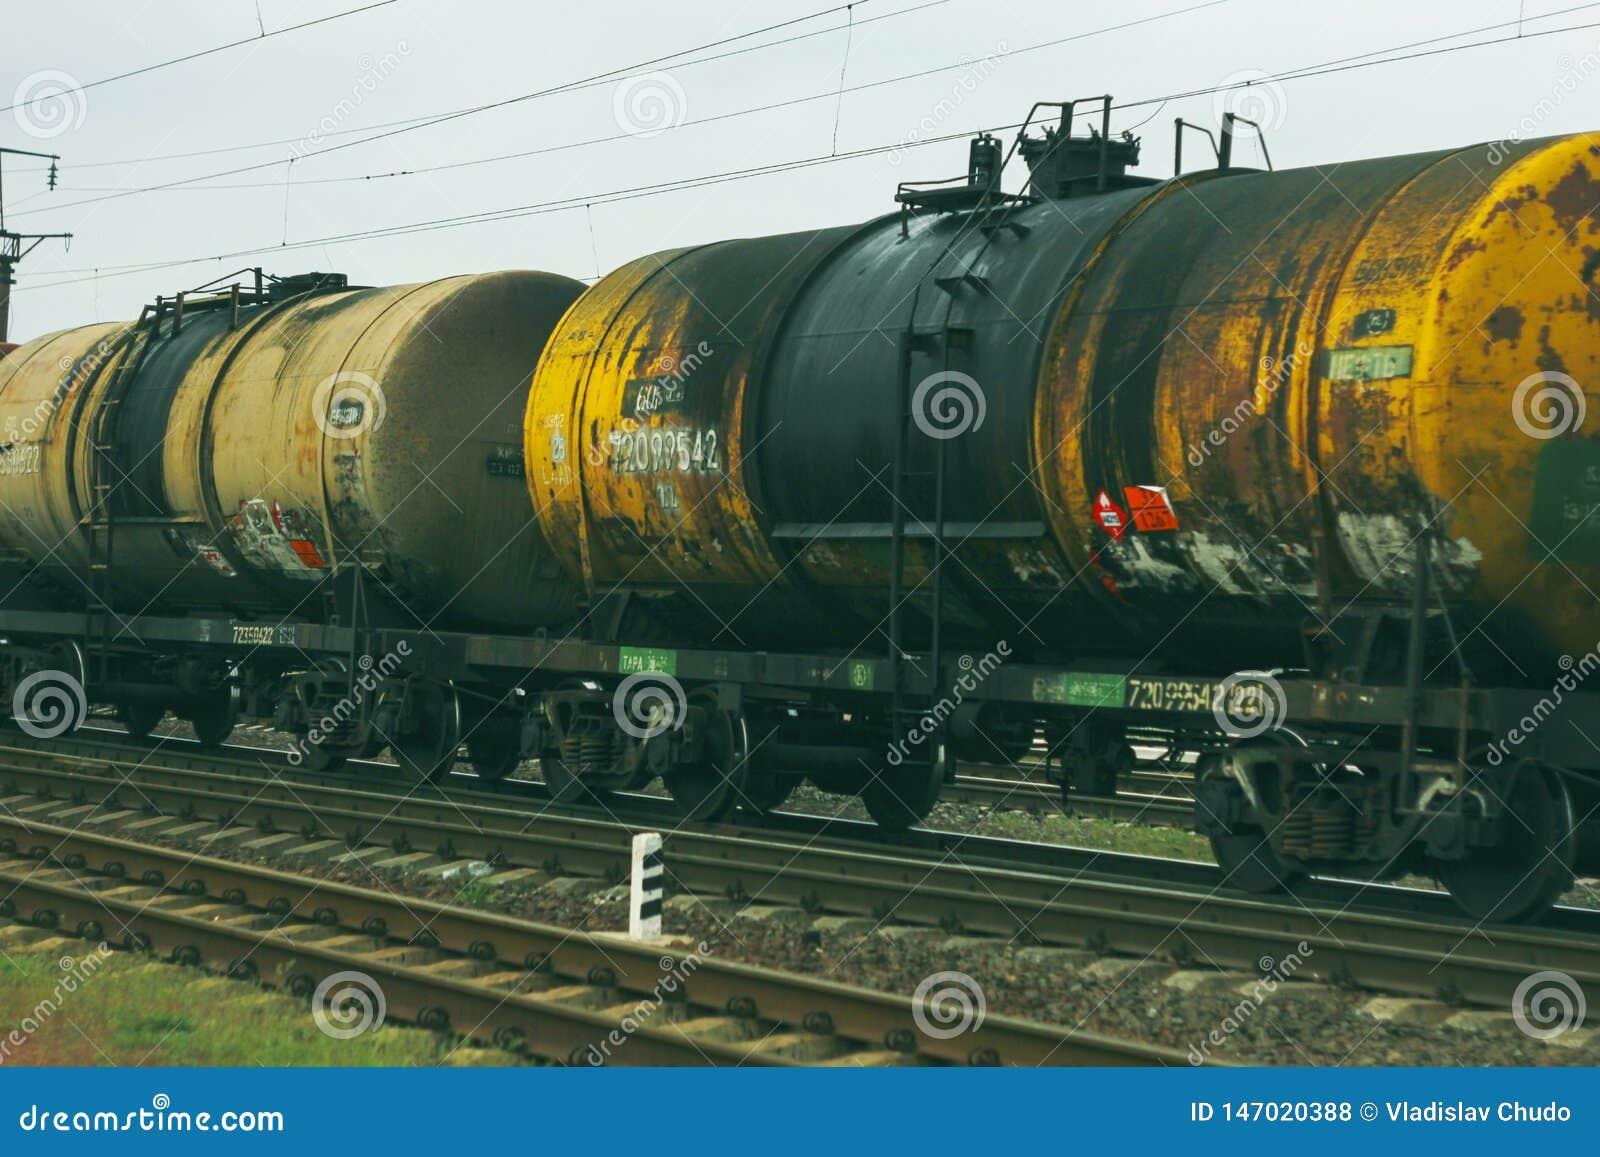 Локомотив пара, Великобритания, железнодорожное